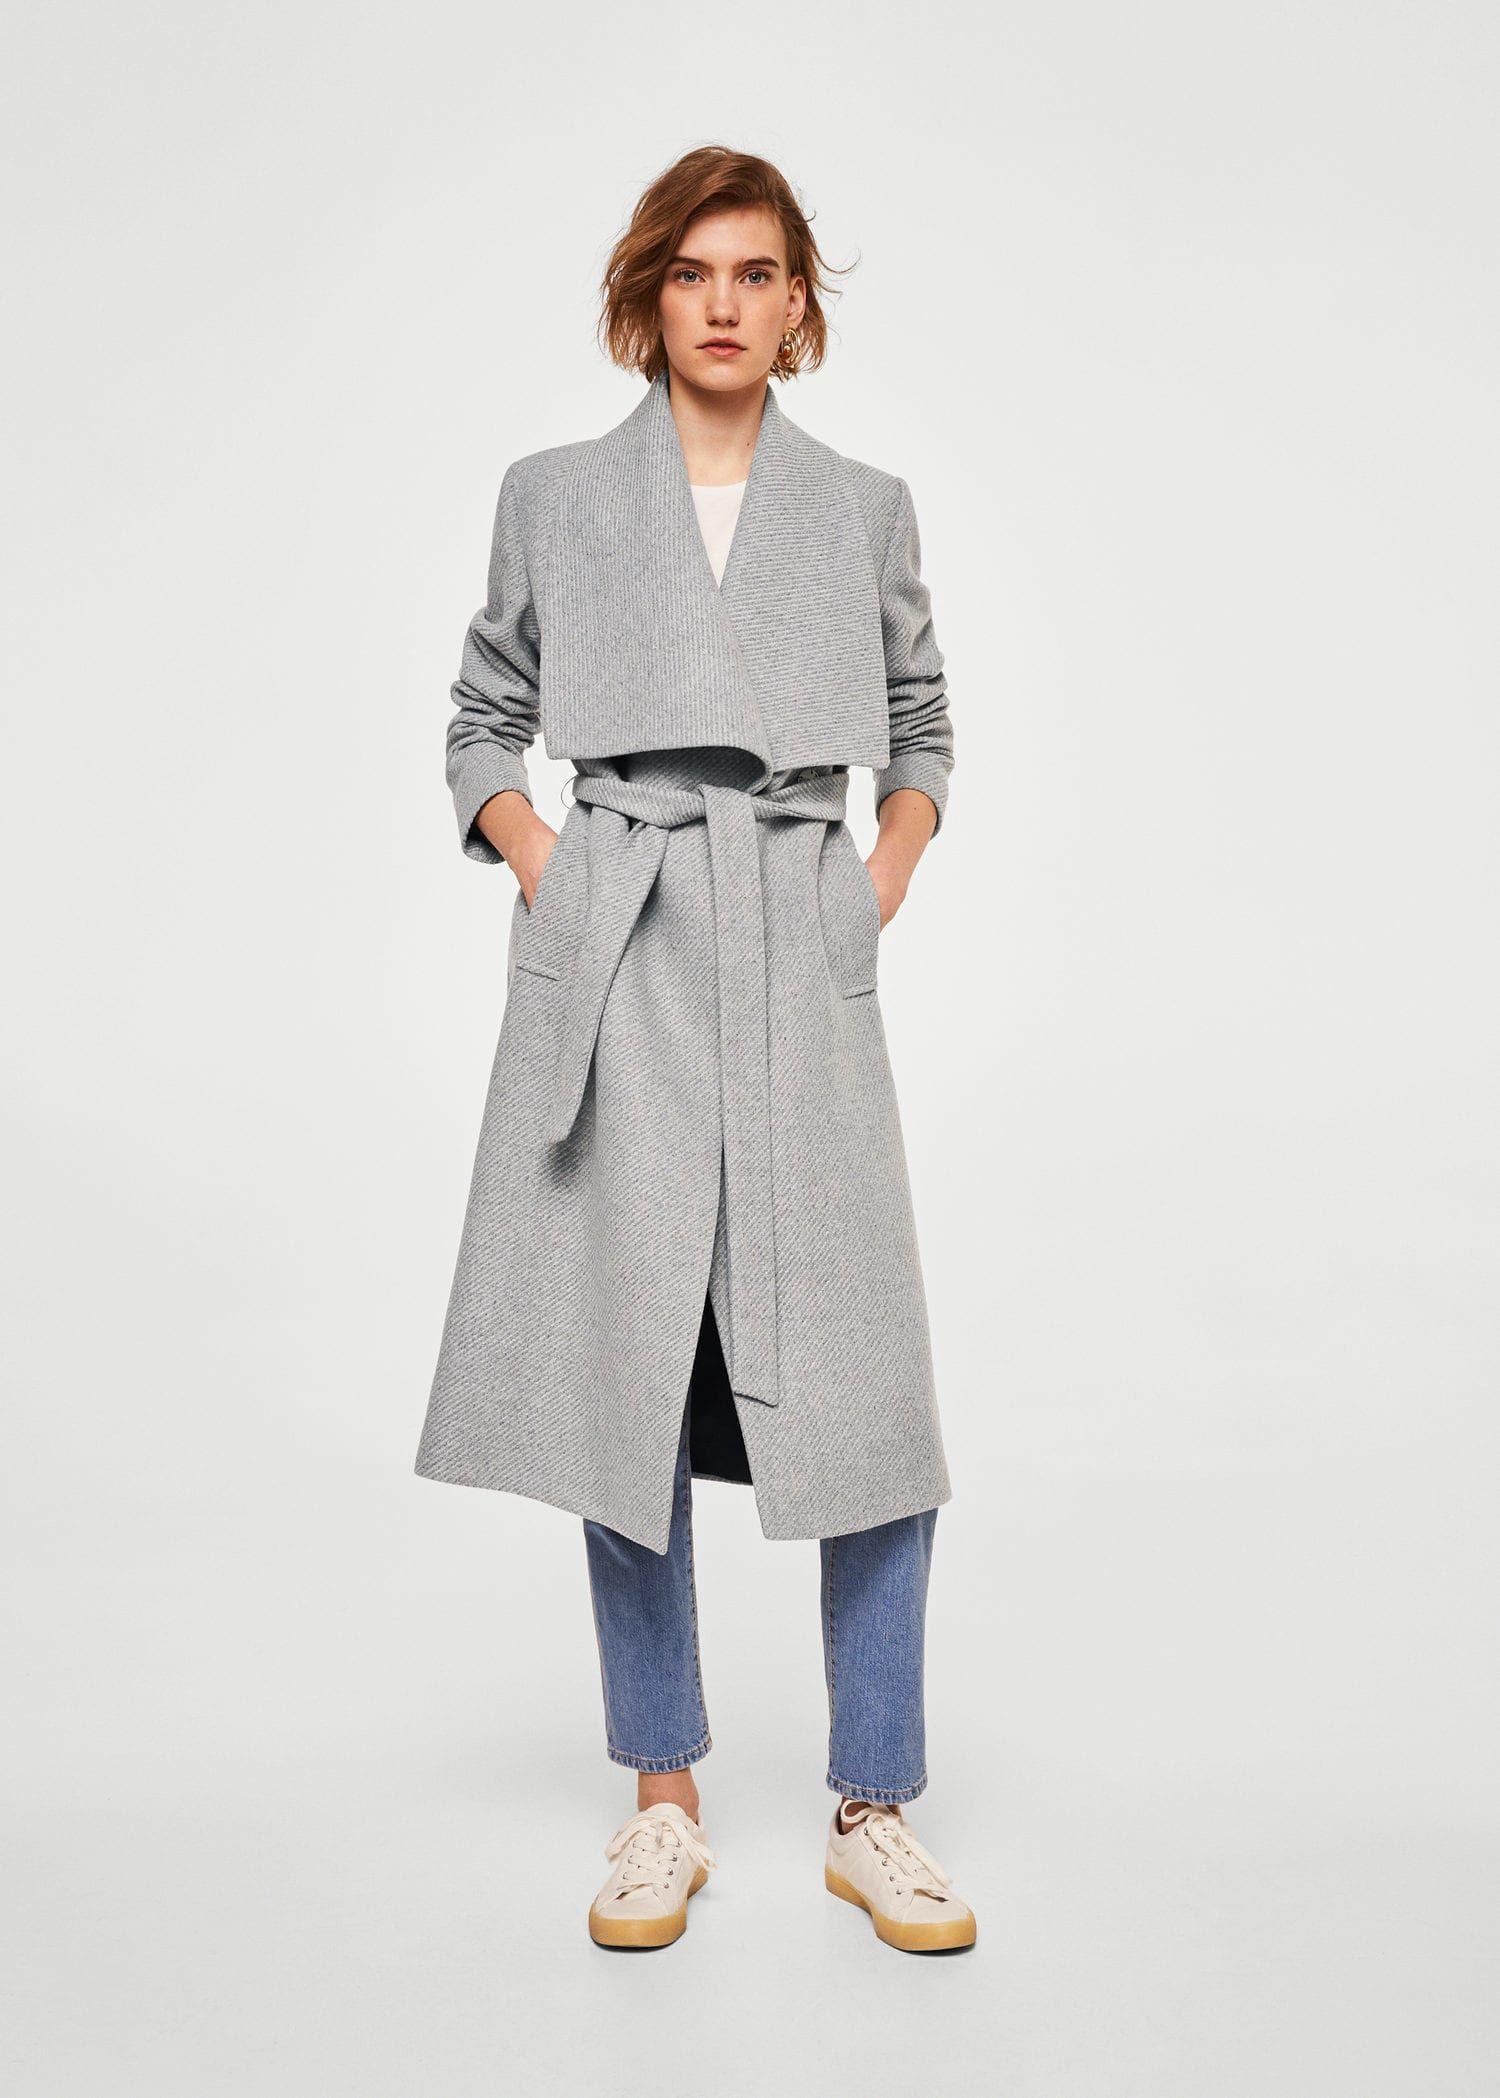 834a48c4d262 Manteau en laine avec ceinture - Femme   Juste because I love (want ...